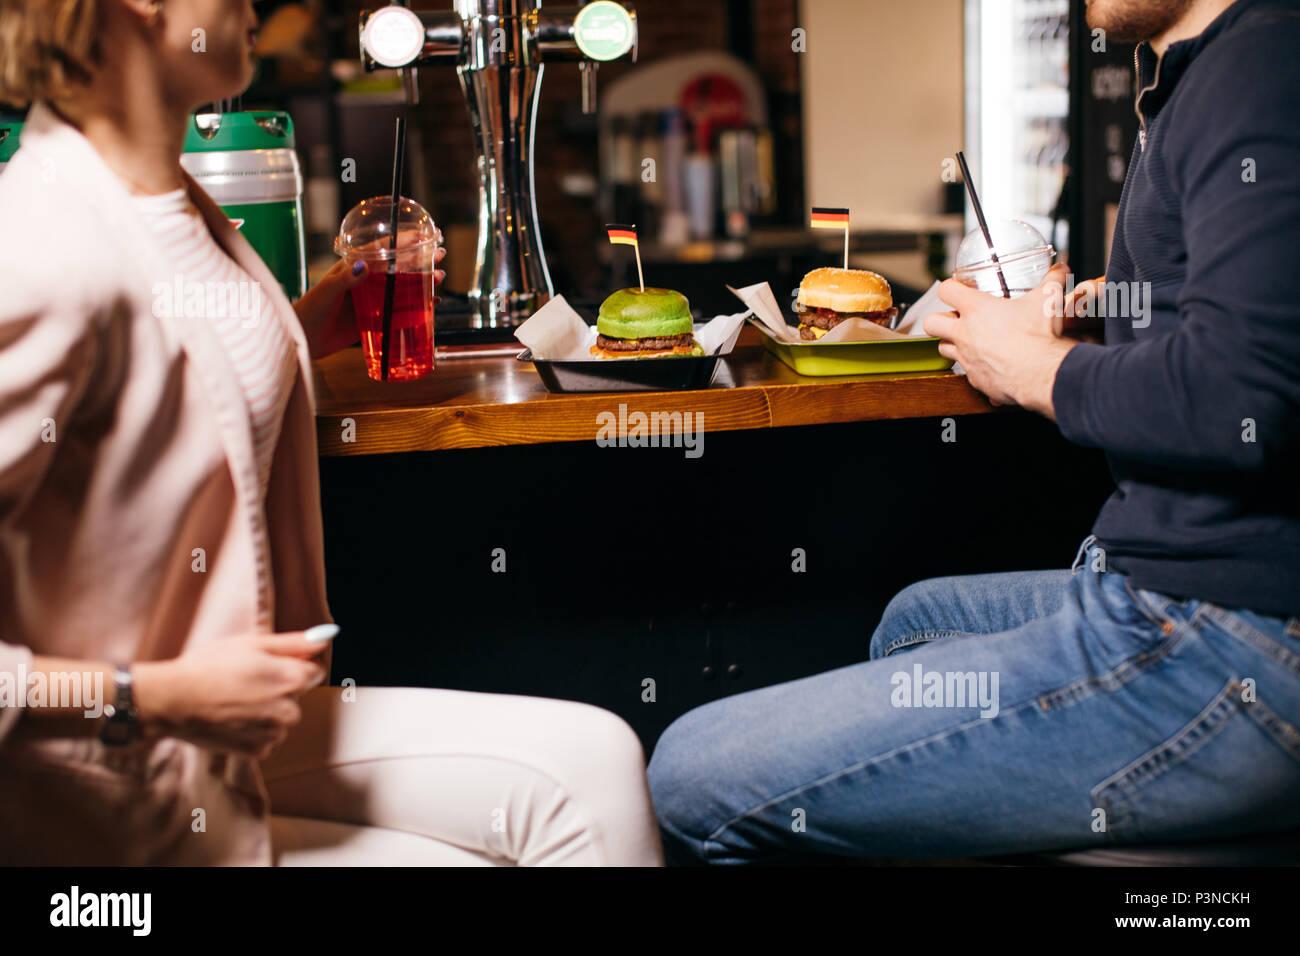 Grupo de jóvenes sentados en un café, conversar y disfrutar Imagen De Stock